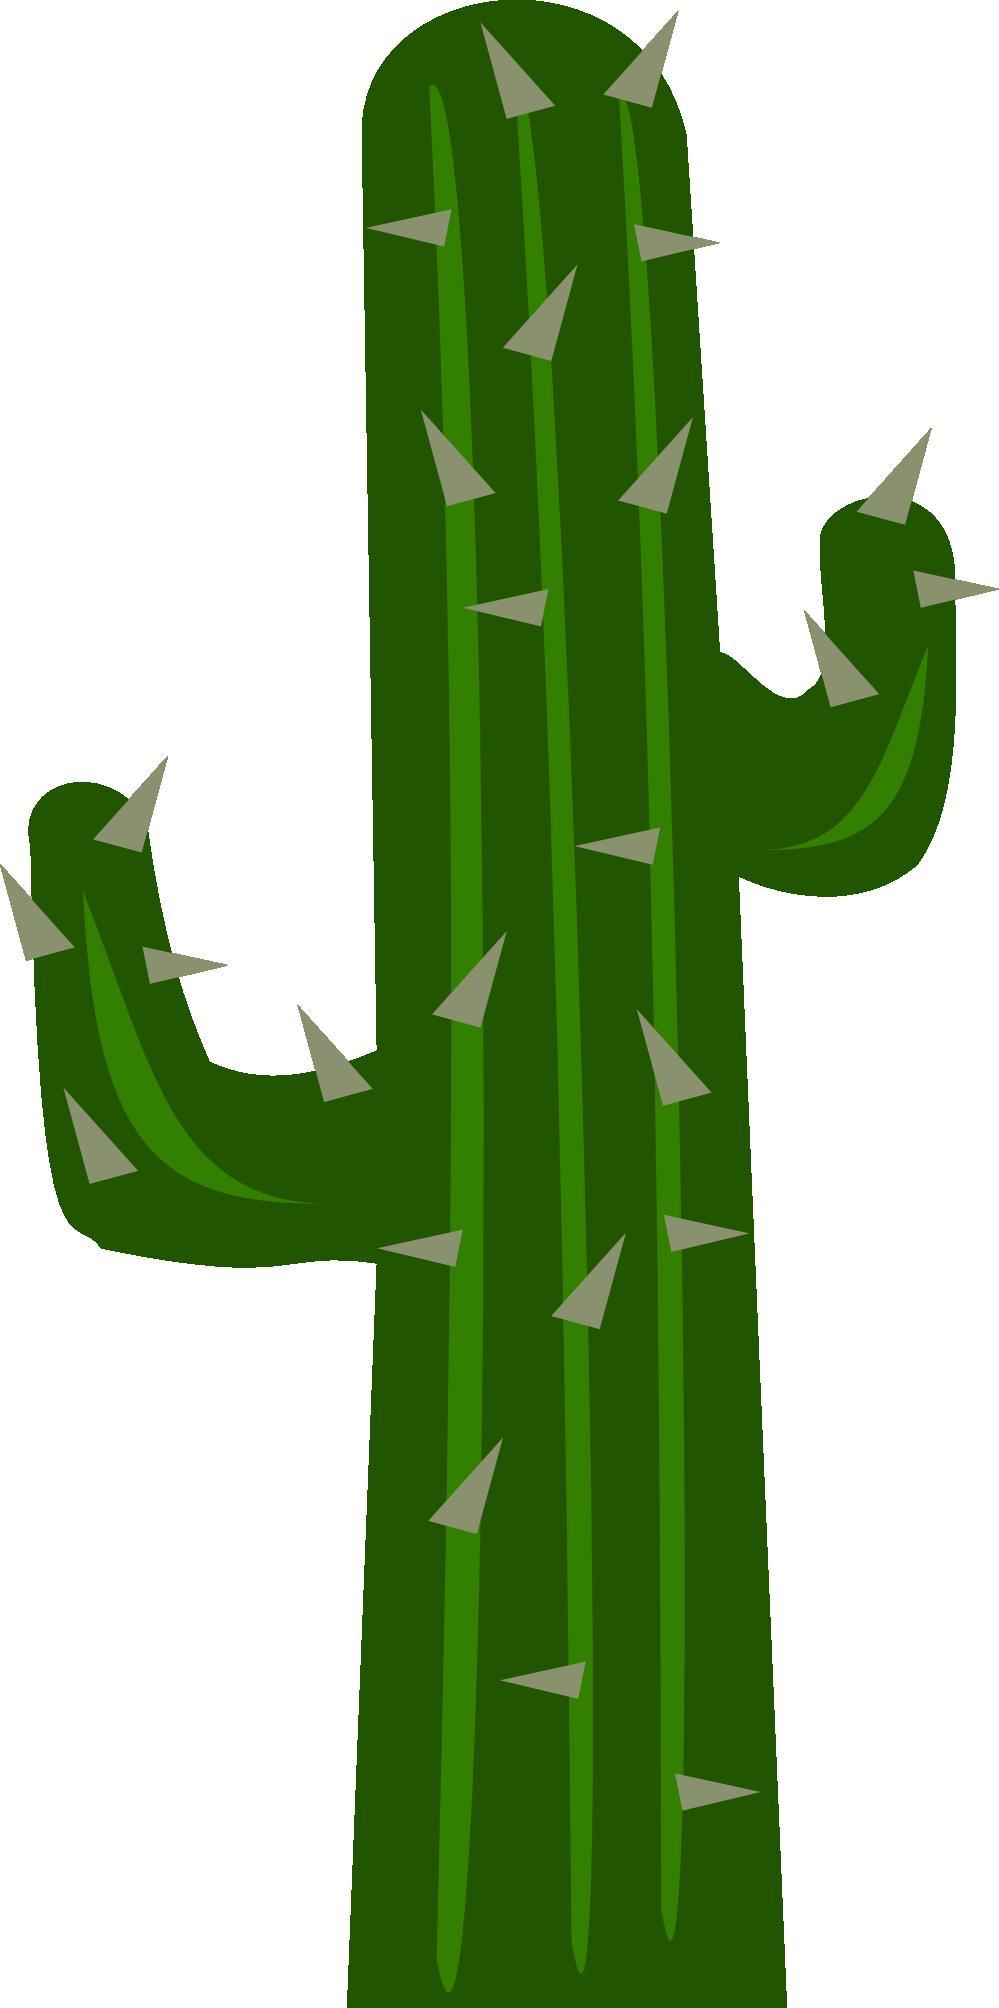 999x2008 Cactus Clip Art 7 Image